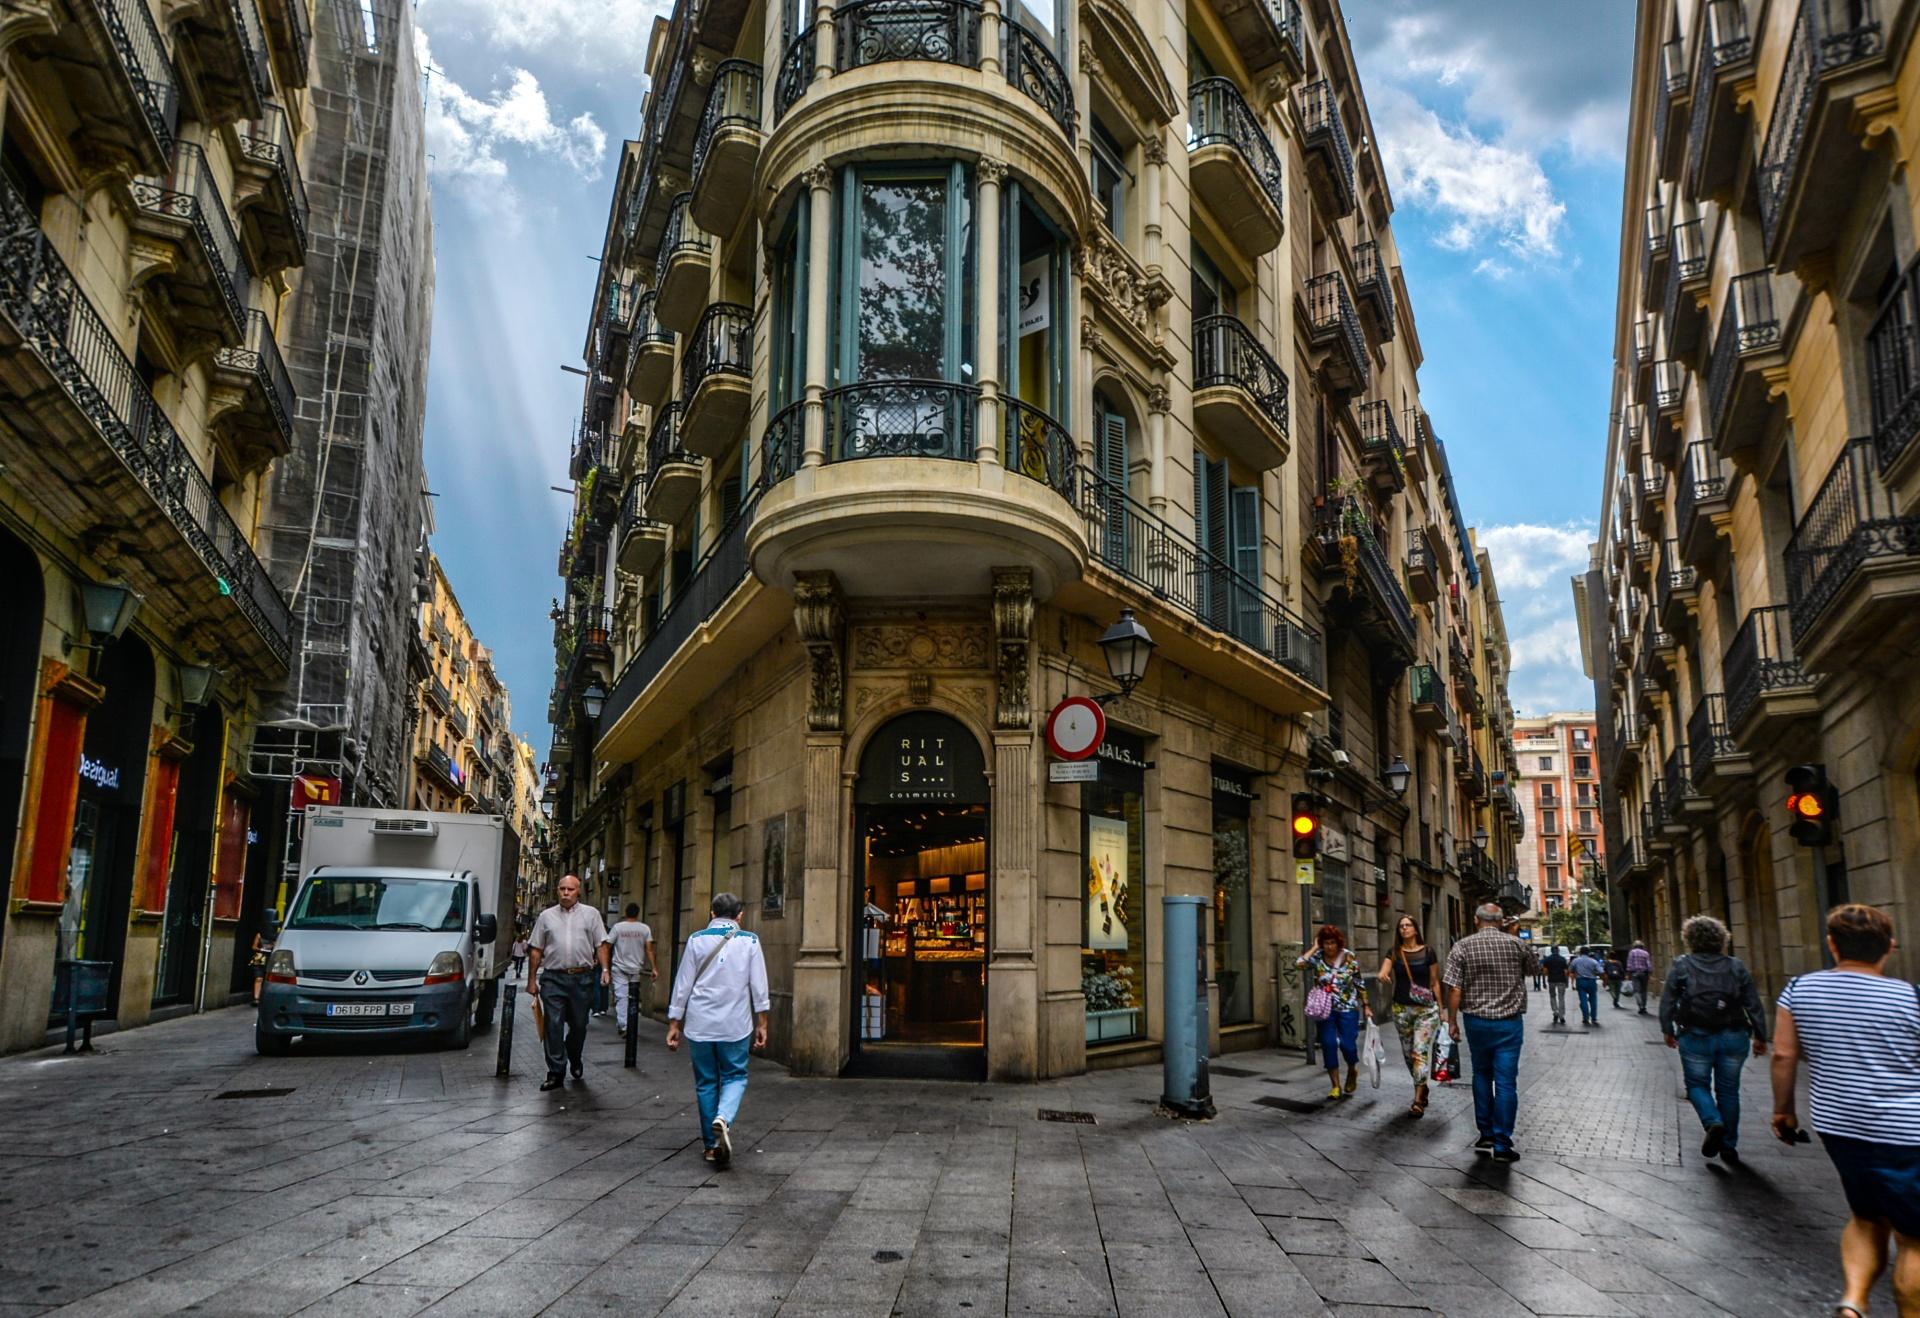 Туристические районы Барселоны разрабатывают специальные предложения, чтобы вернуть интерес местных жителей